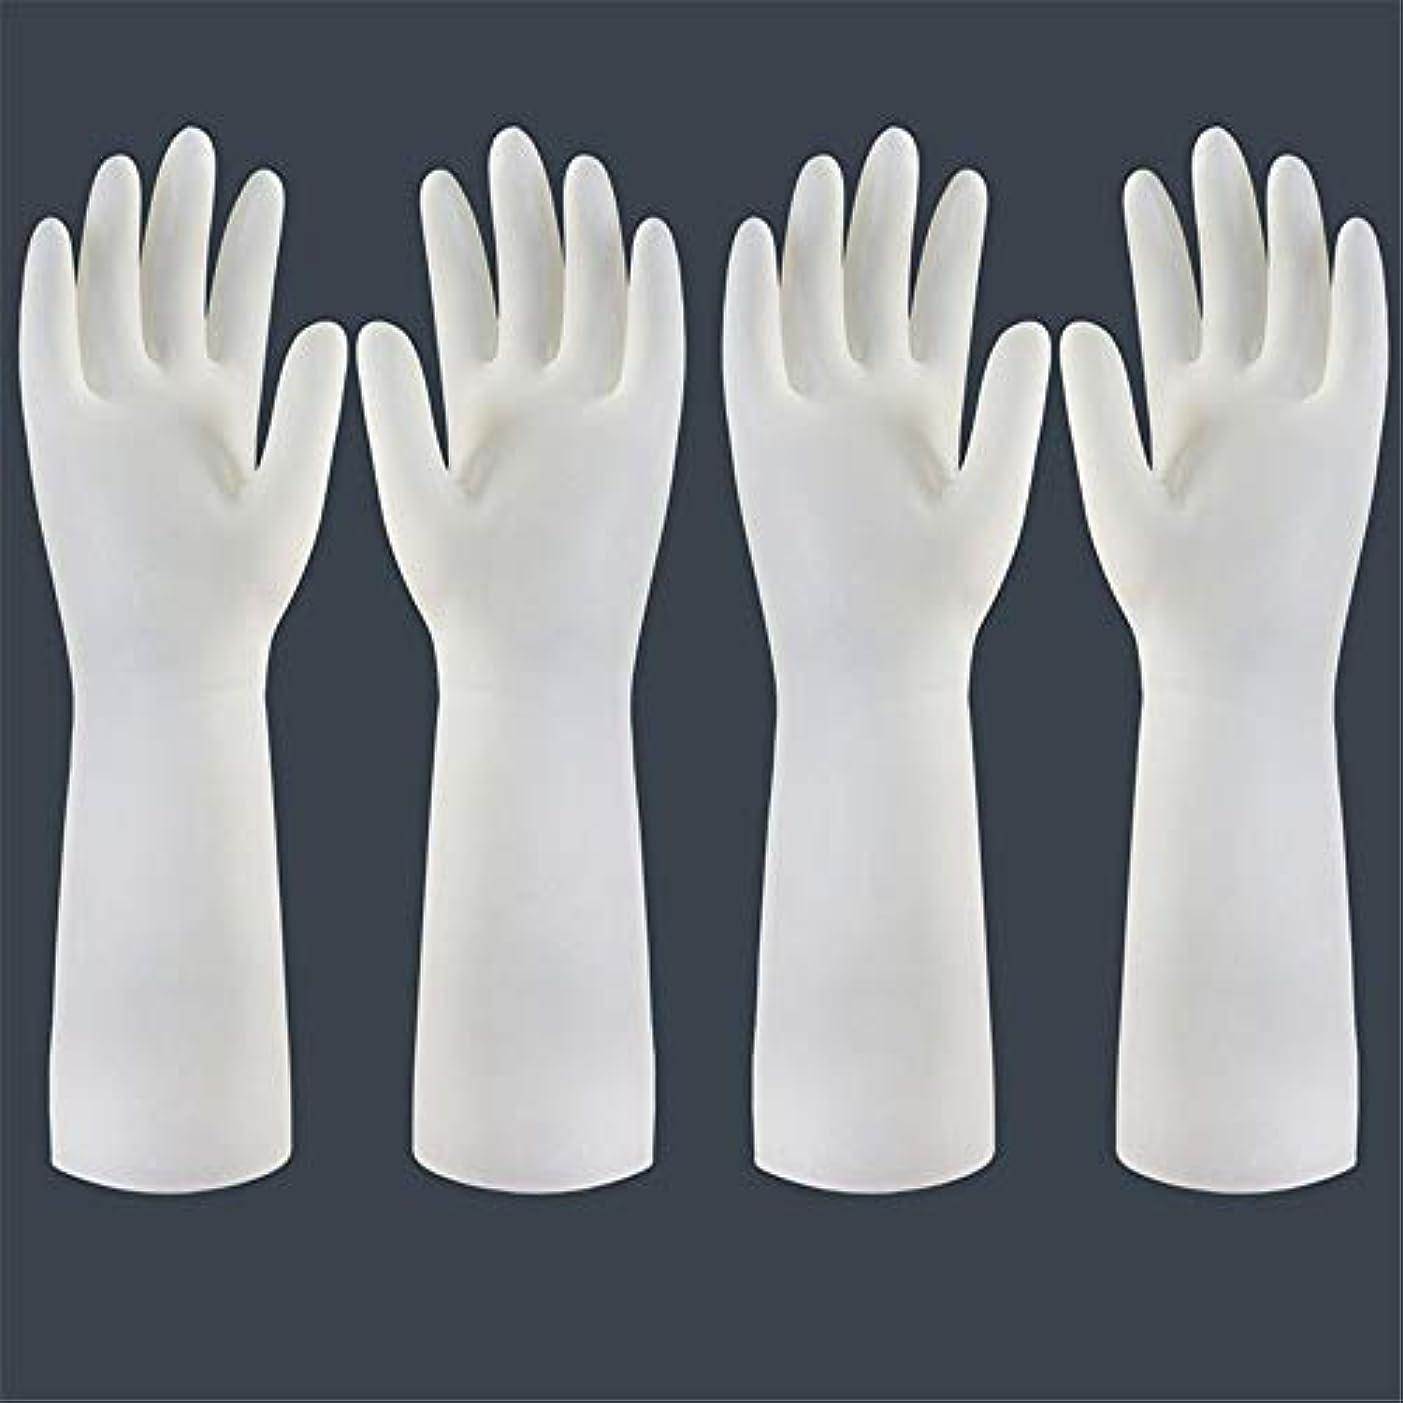 プレビスサイトメイン群衆使い捨て手袋 使い捨て手袋の防水および耐久のゴム製台所手袋、小/中/大 ニトリルゴム手袋 (Color : Long-2 pair, Size : S)